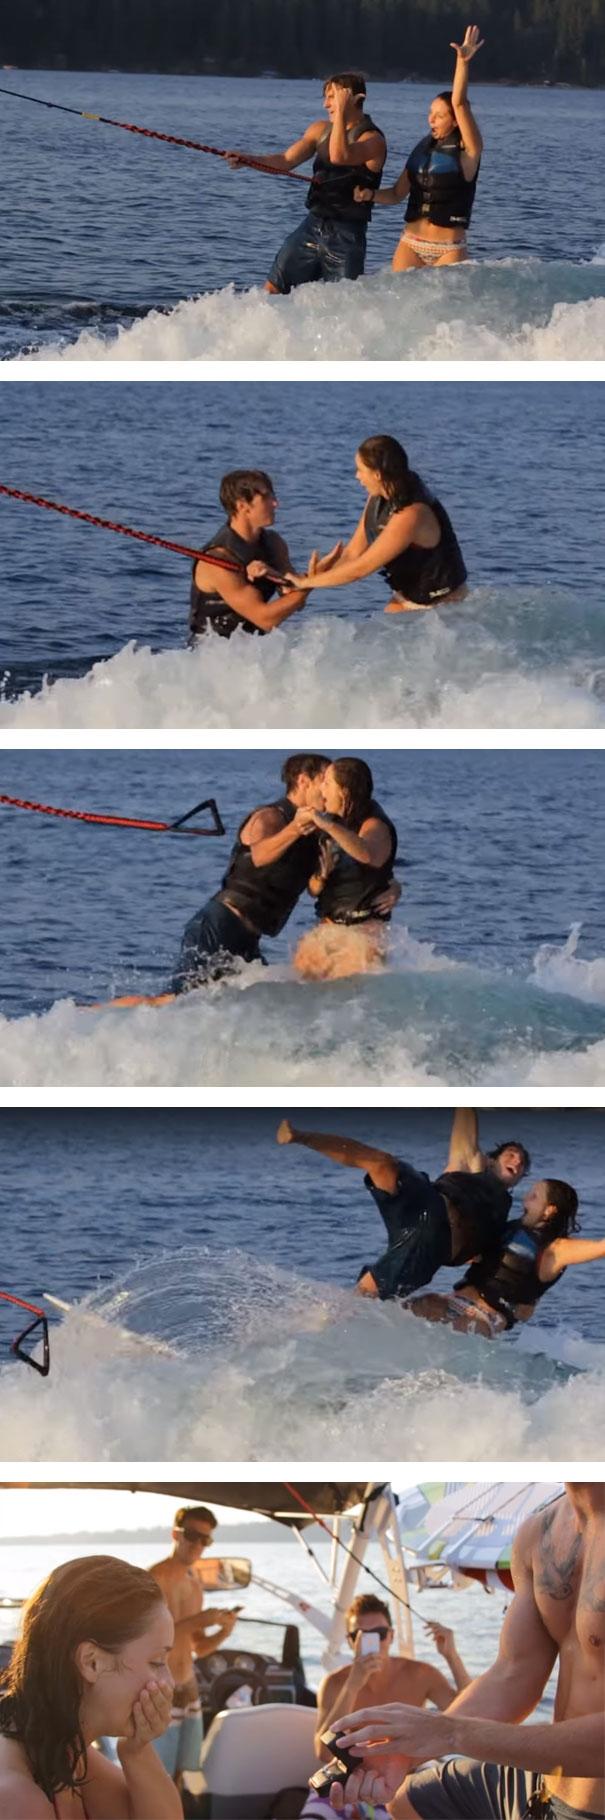 Đang lướt sóng ca-nô thì chàng tranh thủ quay sang cầu hôn nàng và hai người cùng hạnh phúc... bật ngửa xuống nước.